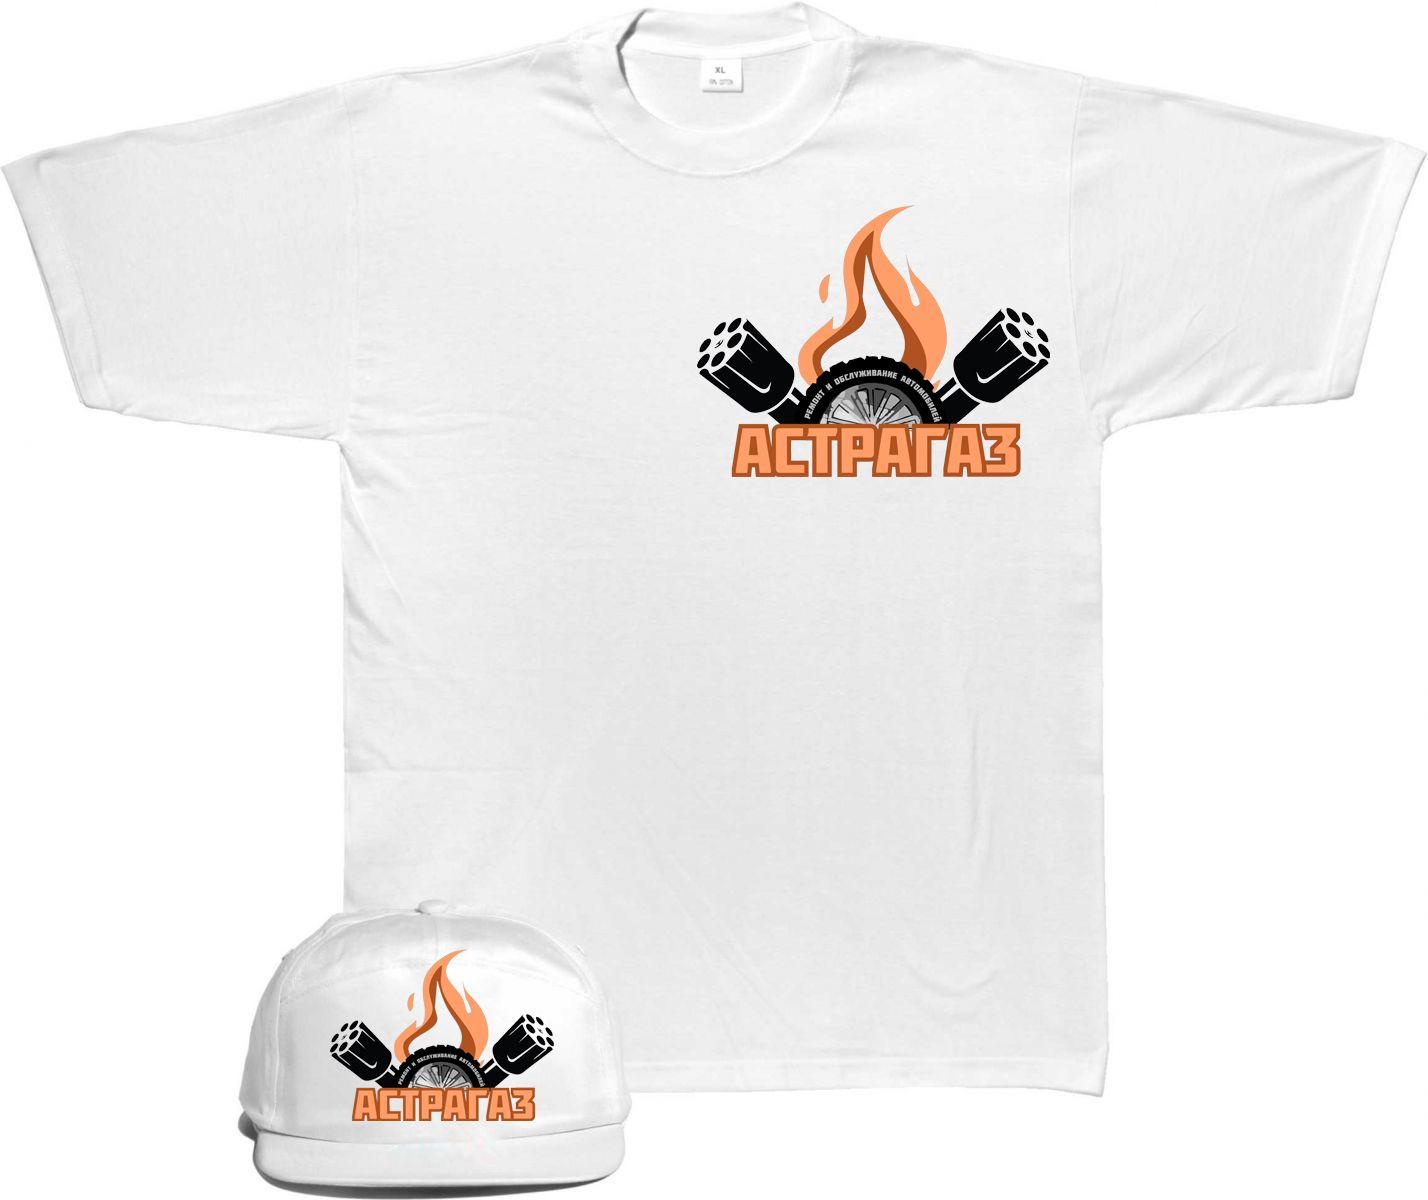 Лого и фирменный стиль для автосервиса - дизайнер ov07